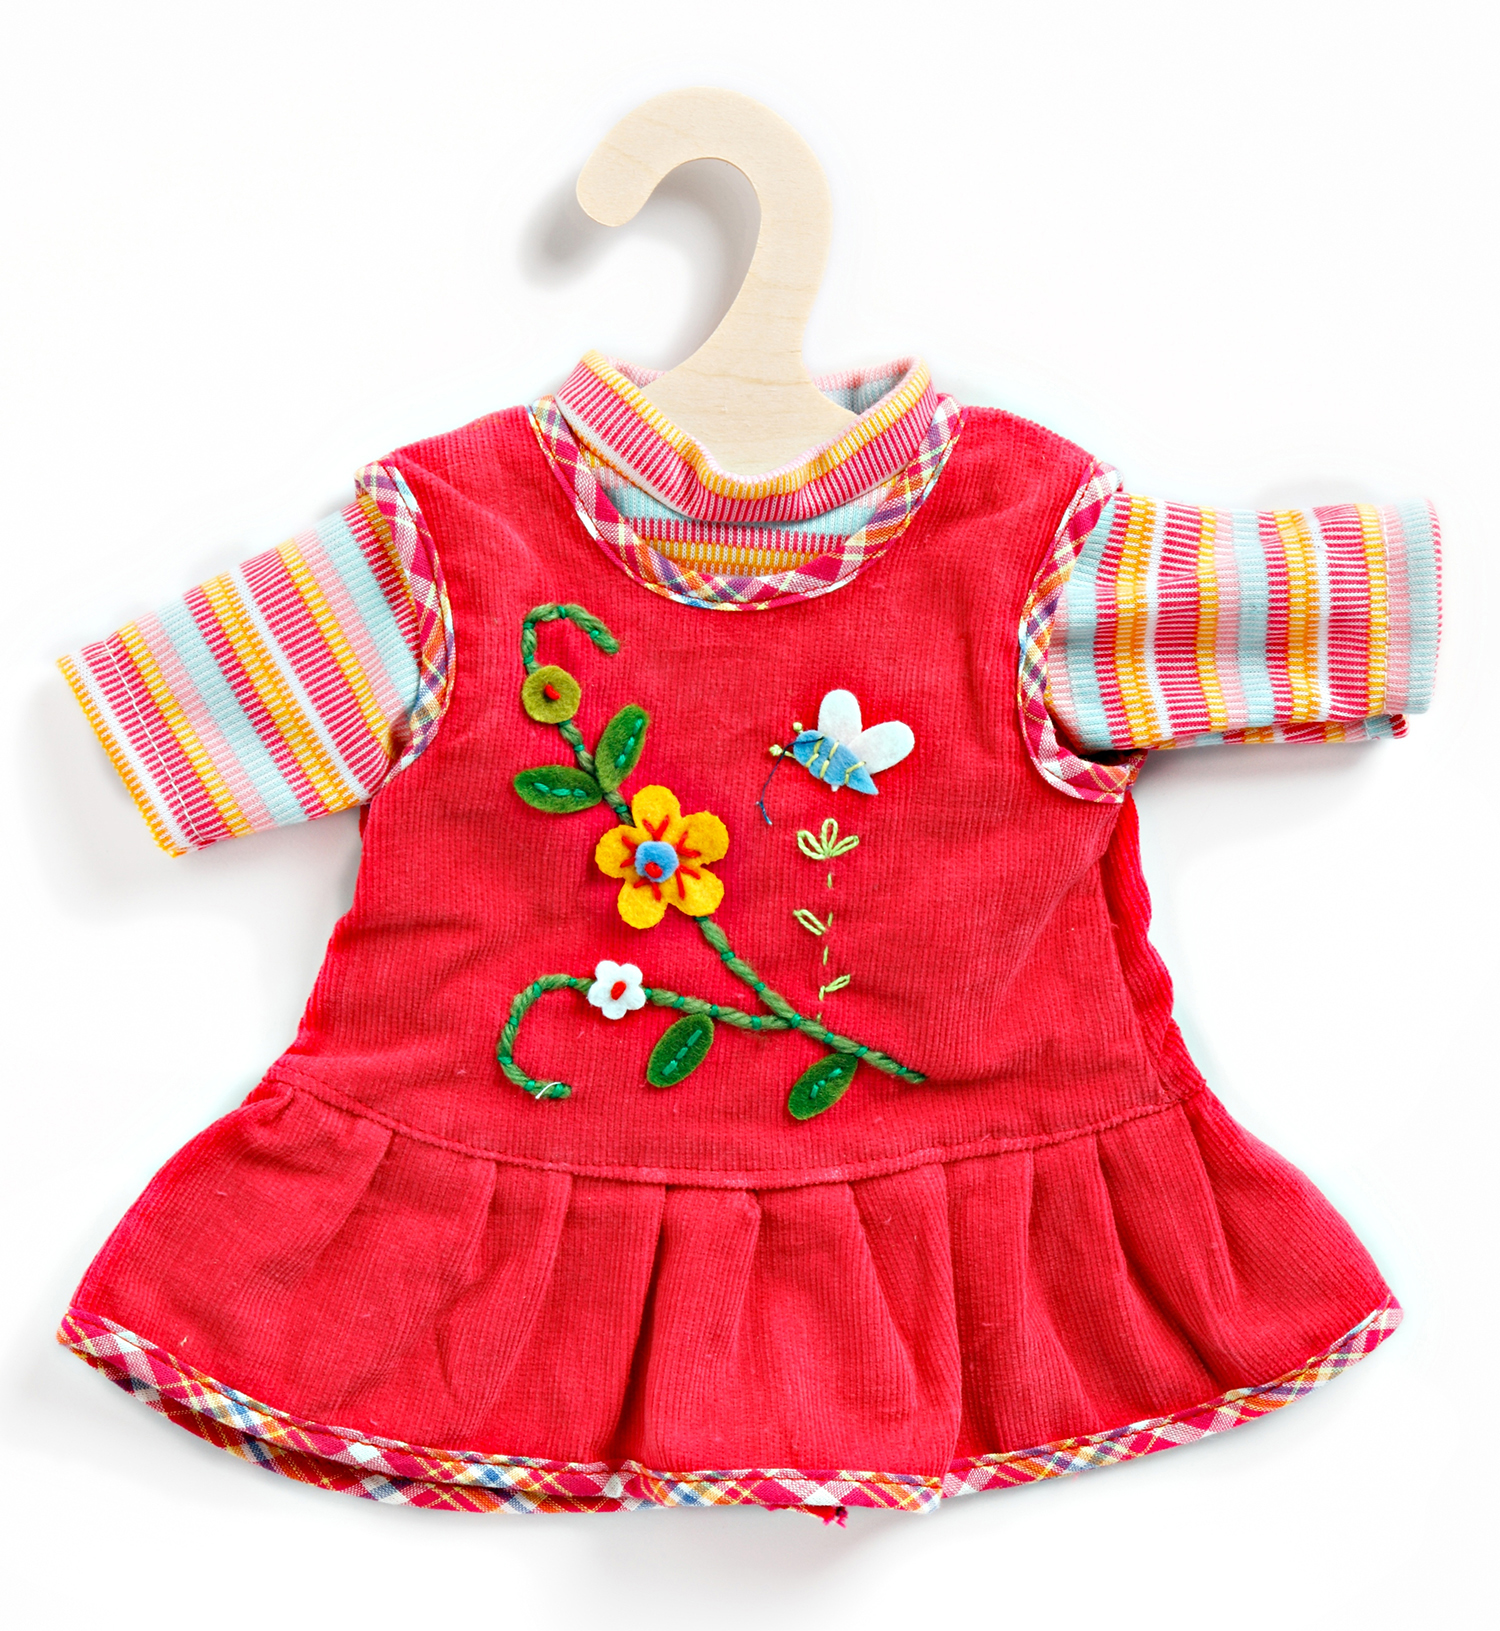 Peppiges Kleid mit T-Shirt, Gr. 35-45 cm